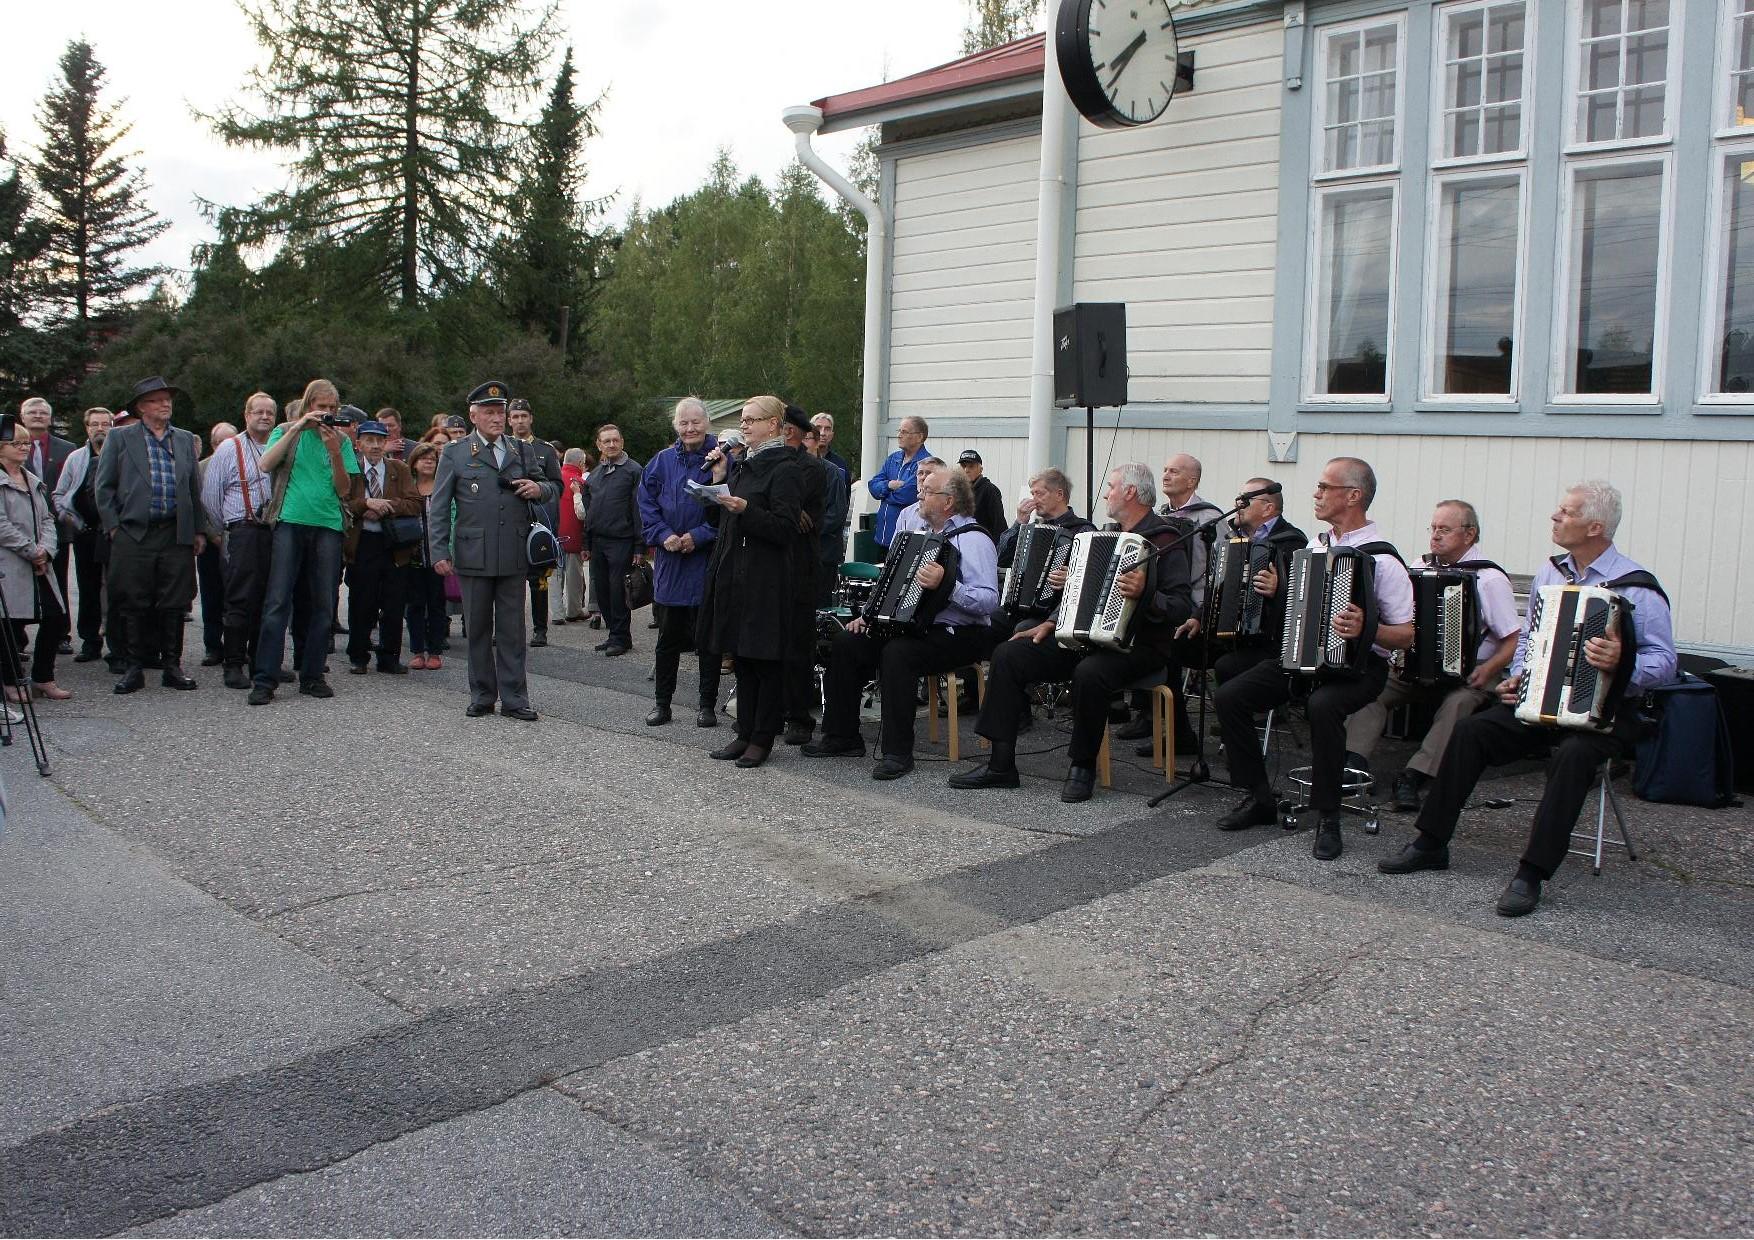 Kajaanin asemalla kaupungin järjestämään juhlaan osallistui satamäärin yleisöä.